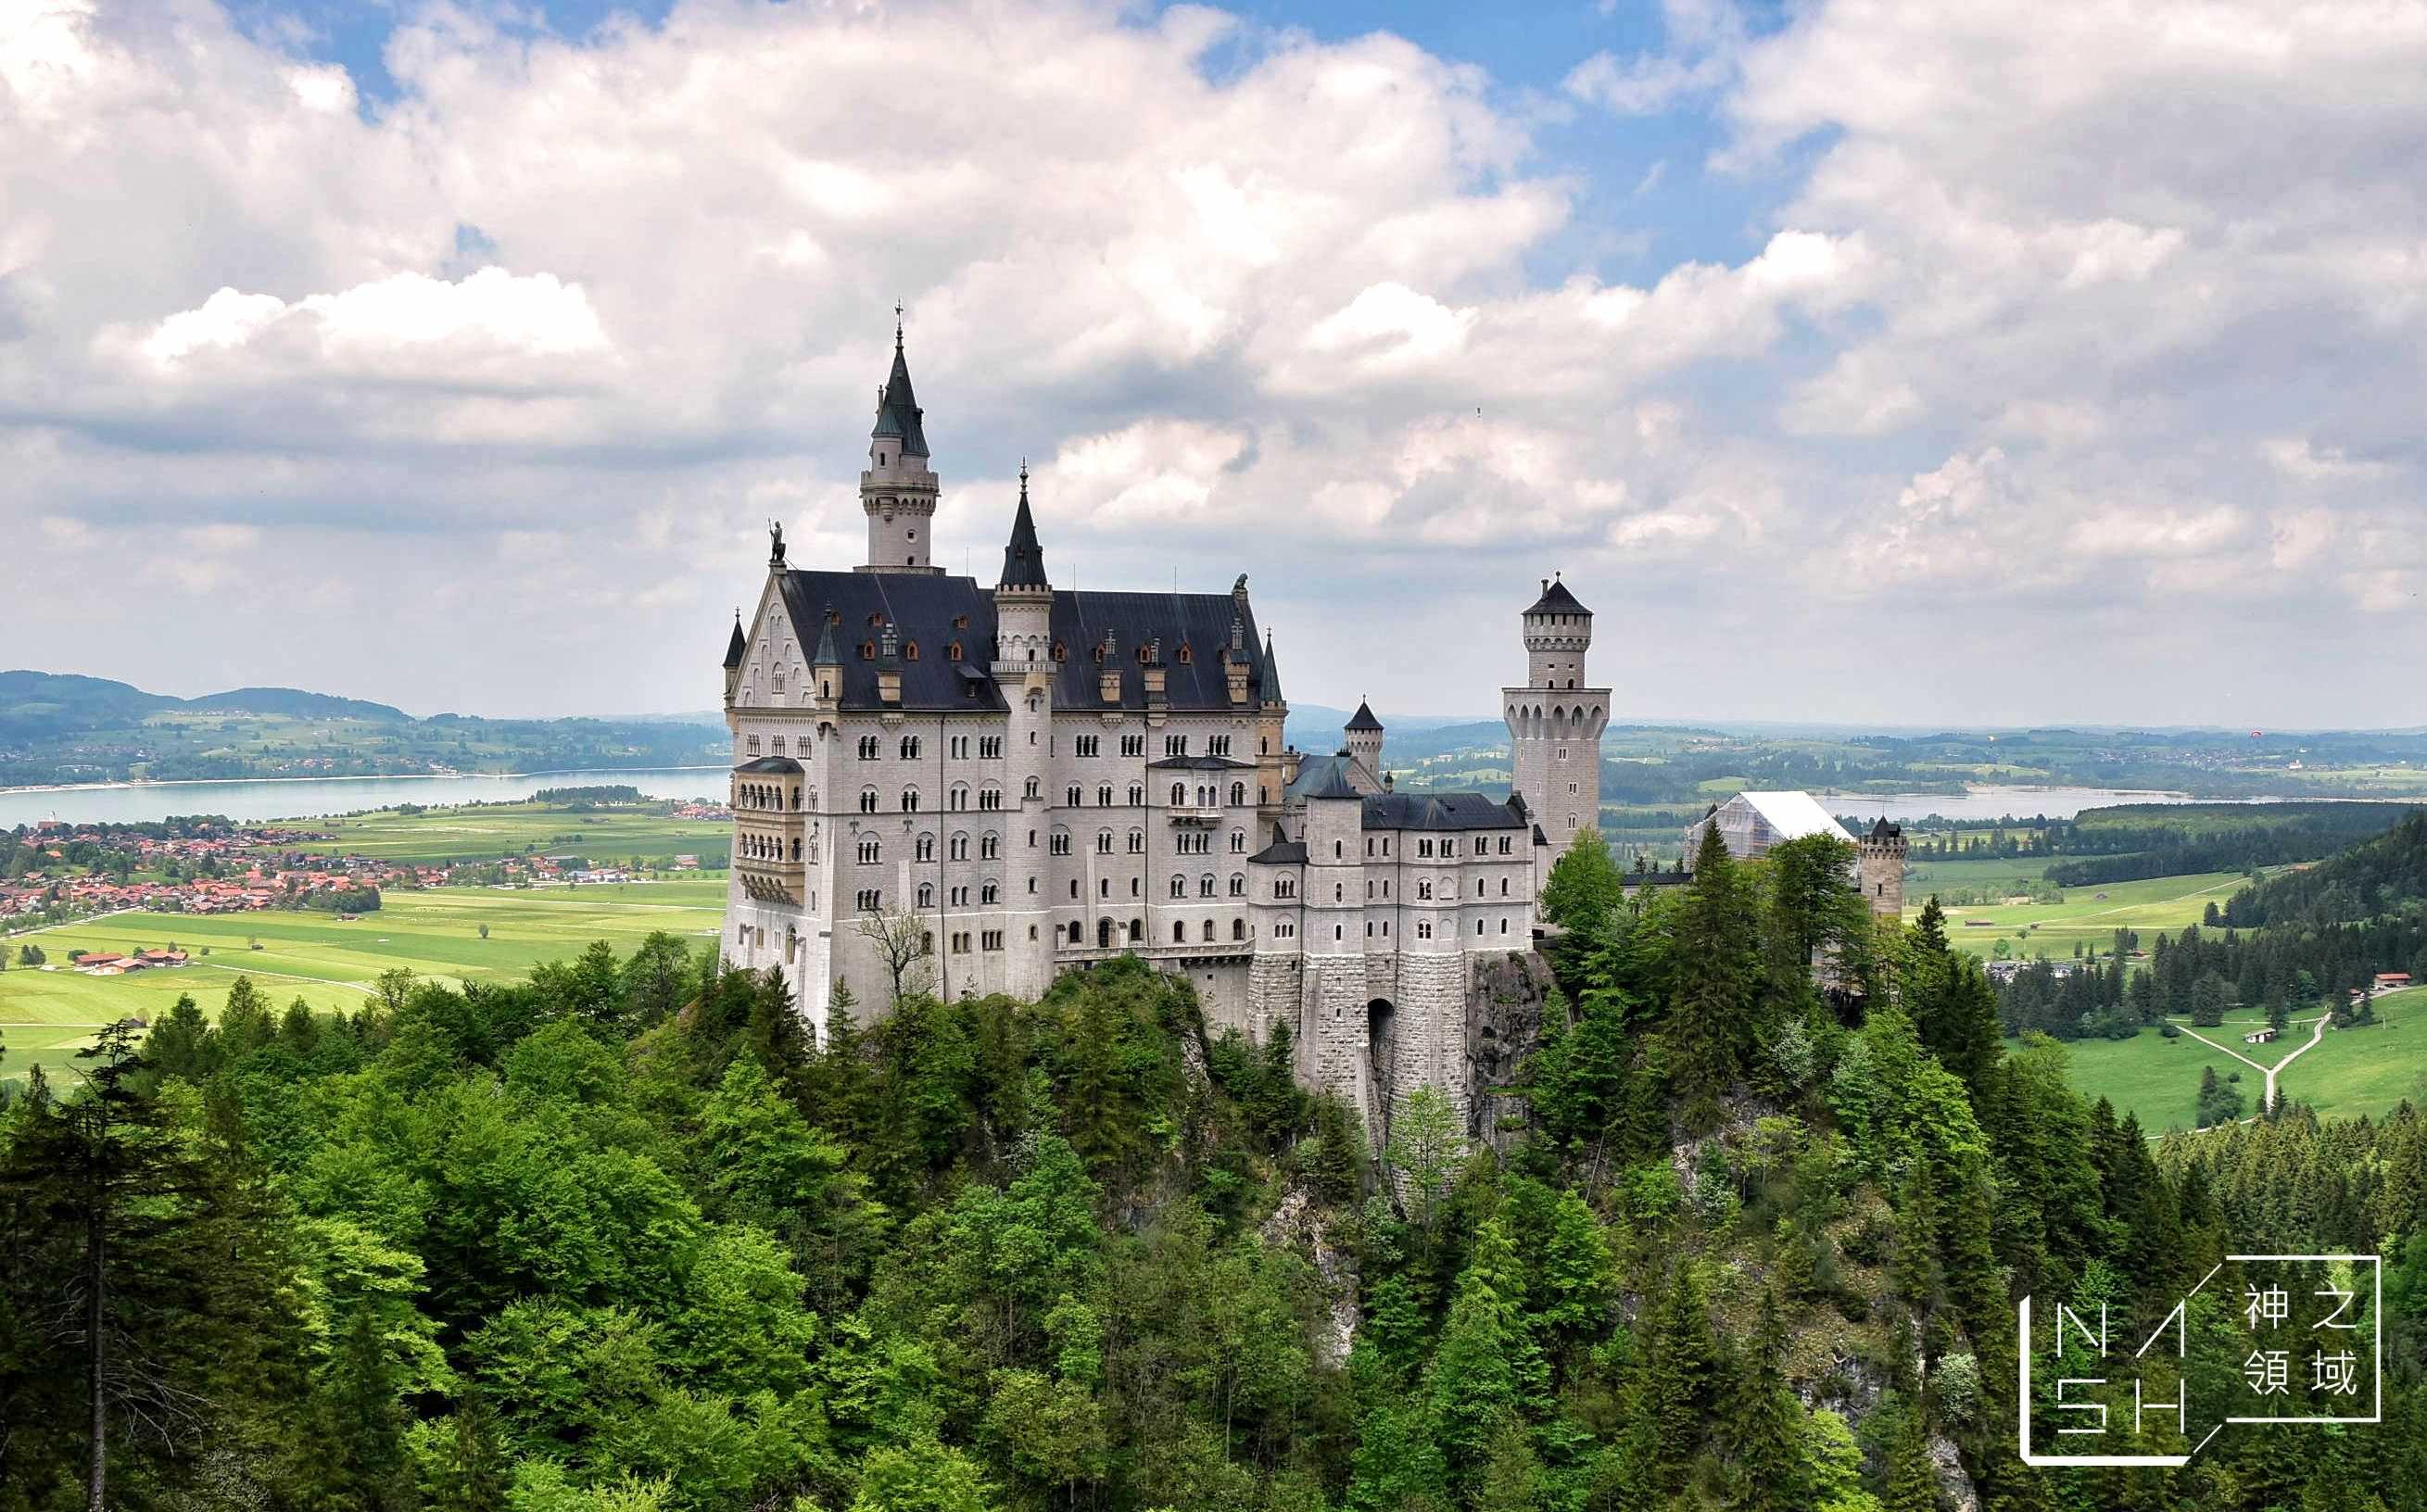 林德霍夫宮,新天鵝堡交通,慕尼黑到新天鵝堡怎麼去,新天鵝堡預約,新天鵝堡門票,新天鵝堡一日遊,新天鵝堡kkday,新天鵝堡klook @Nash,神之領域